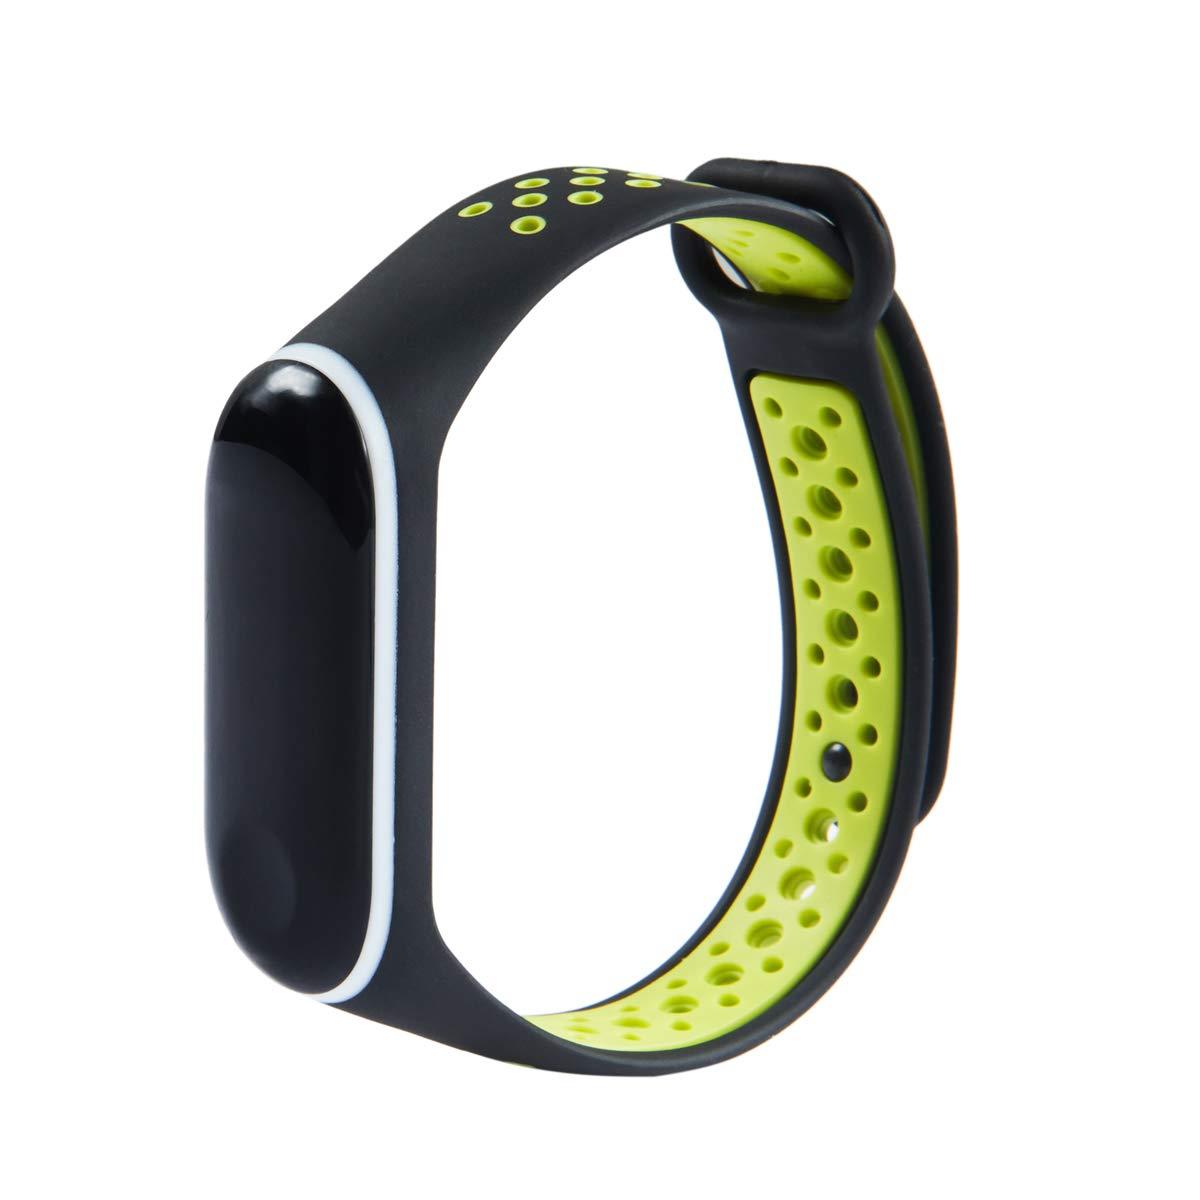 9pcs XIHAMA Armband f/ür Xiaomi mi Band 3 Silikon Ersatzband Fitness Sport Aktivit/ät Ersatzarmb/änder A Set